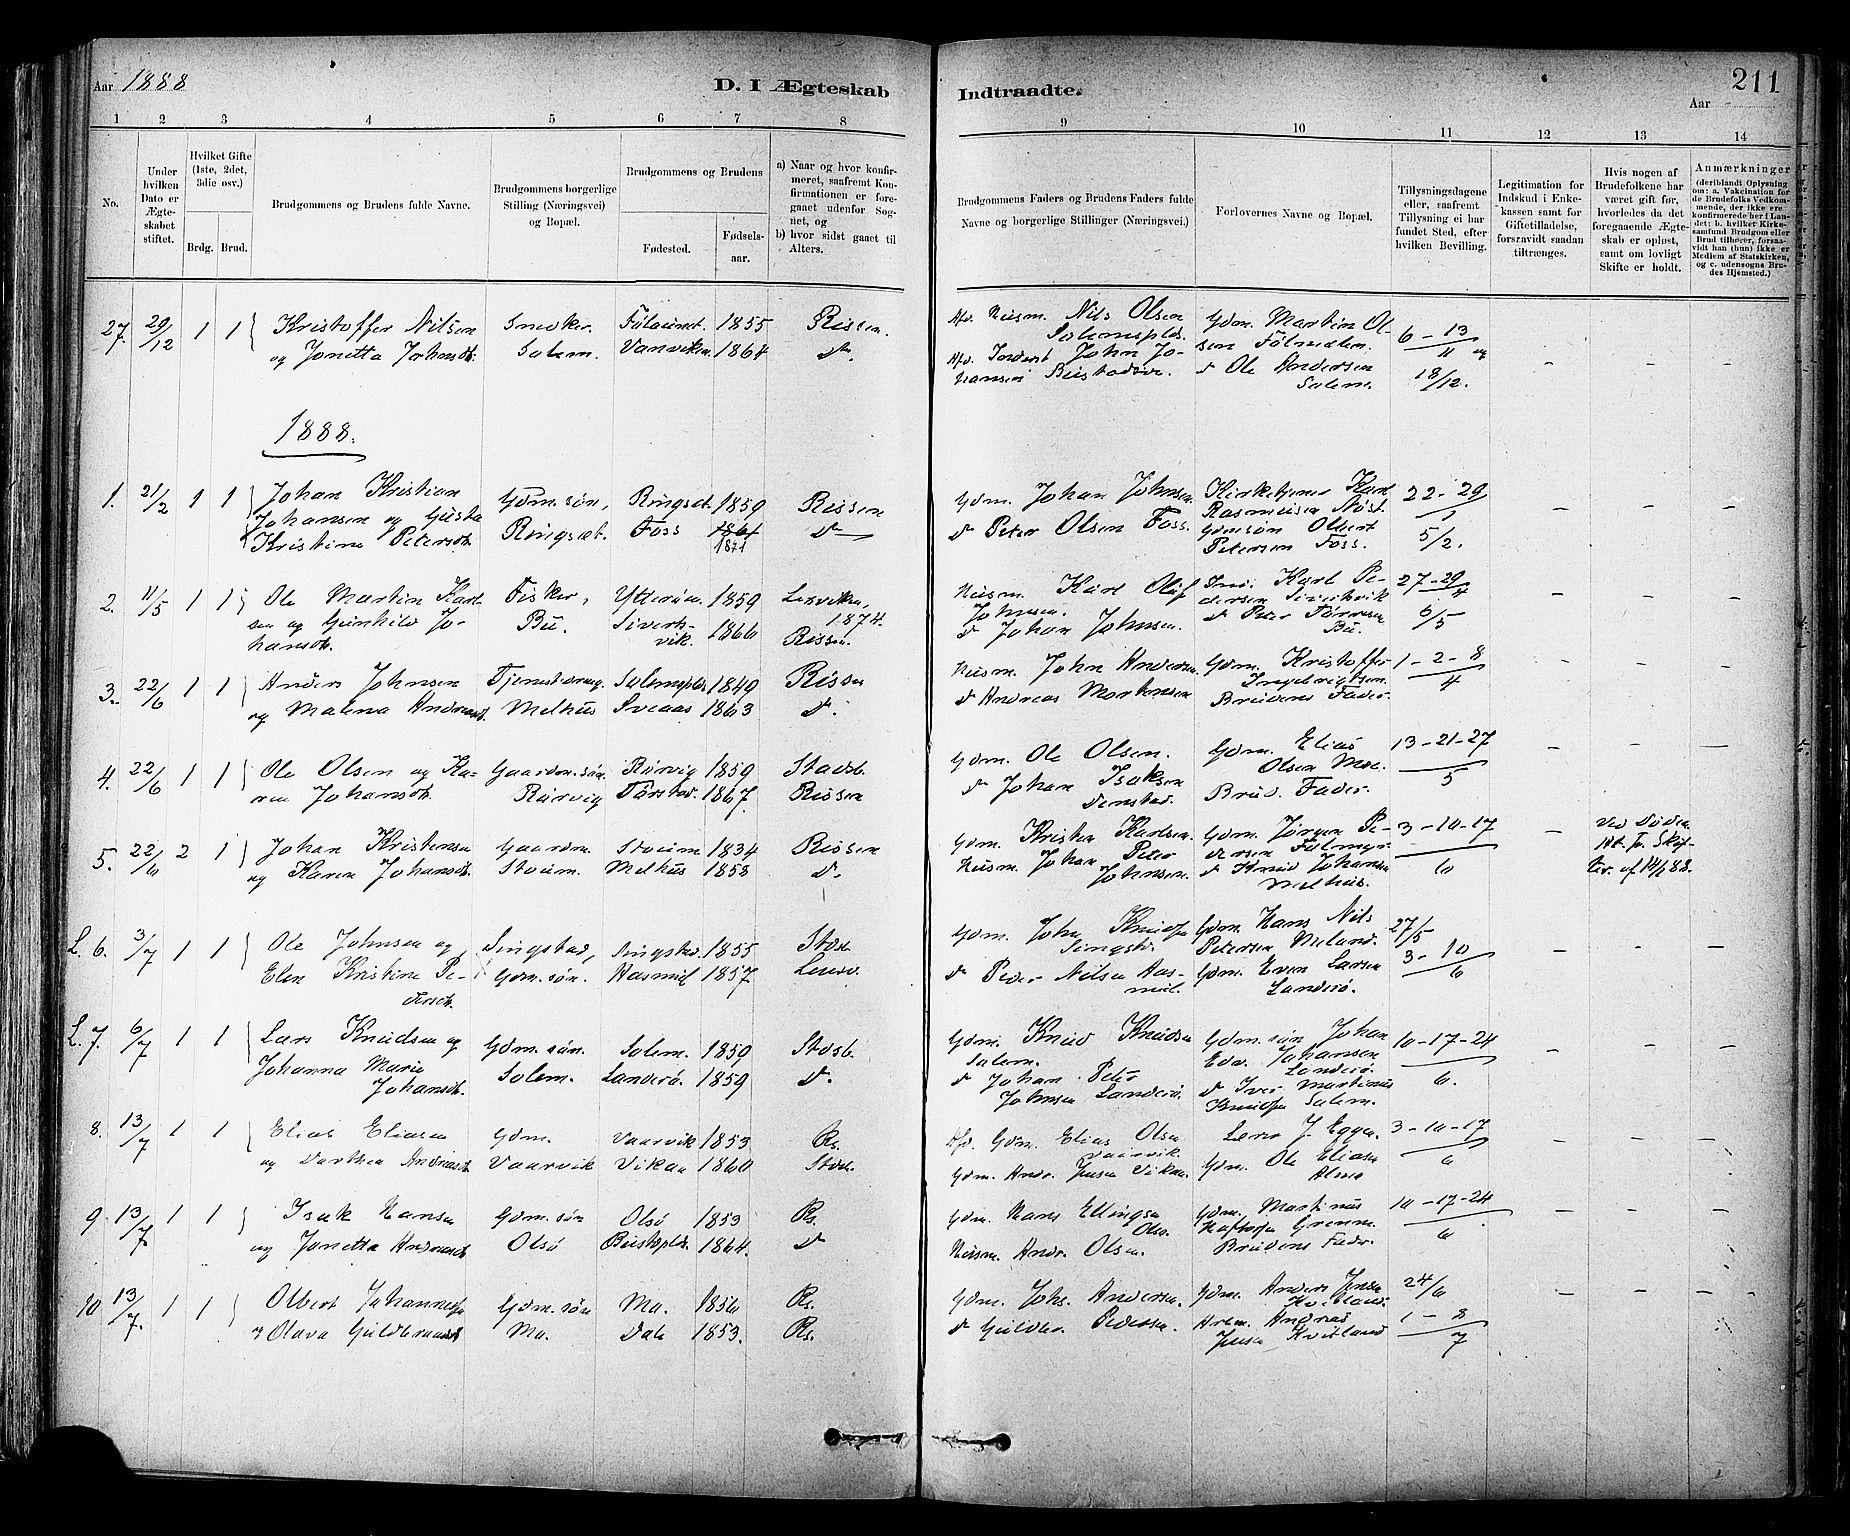 SAT, Ministerialprotokoller, klokkerbøker og fødselsregistre - Sør-Trøndelag, 647/L0634: Ministerialbok nr. 647A01, 1885-1896, s. 211